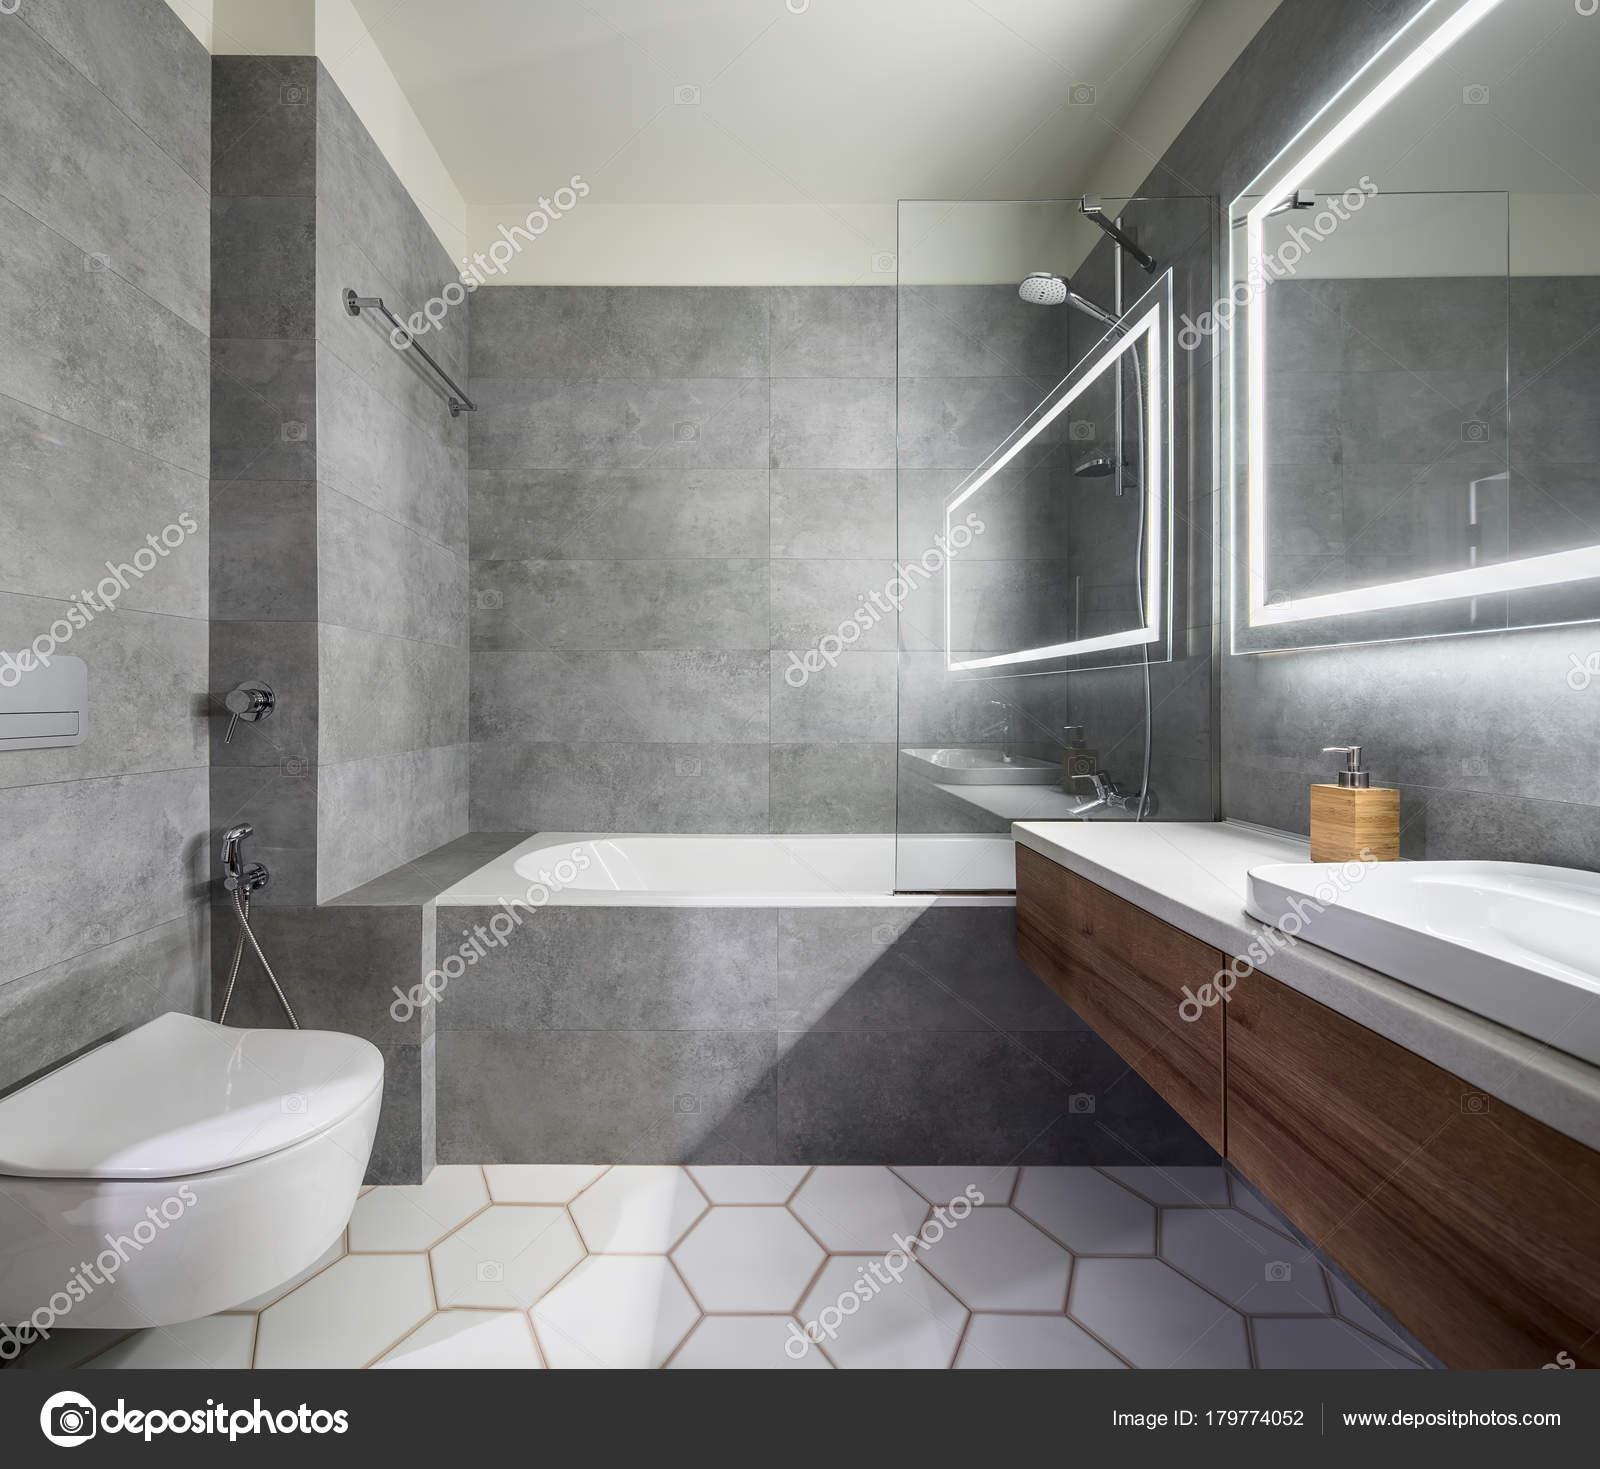 Modernes Bad Mit Grauen Und Weißen Fliesen. Gibt Es Ein Großer Spiegel Mit  Leuchtenden Lampen, Tischplatte Mit Holzschubkästen Und Spüle, Bad Mit  Dusche Und ...